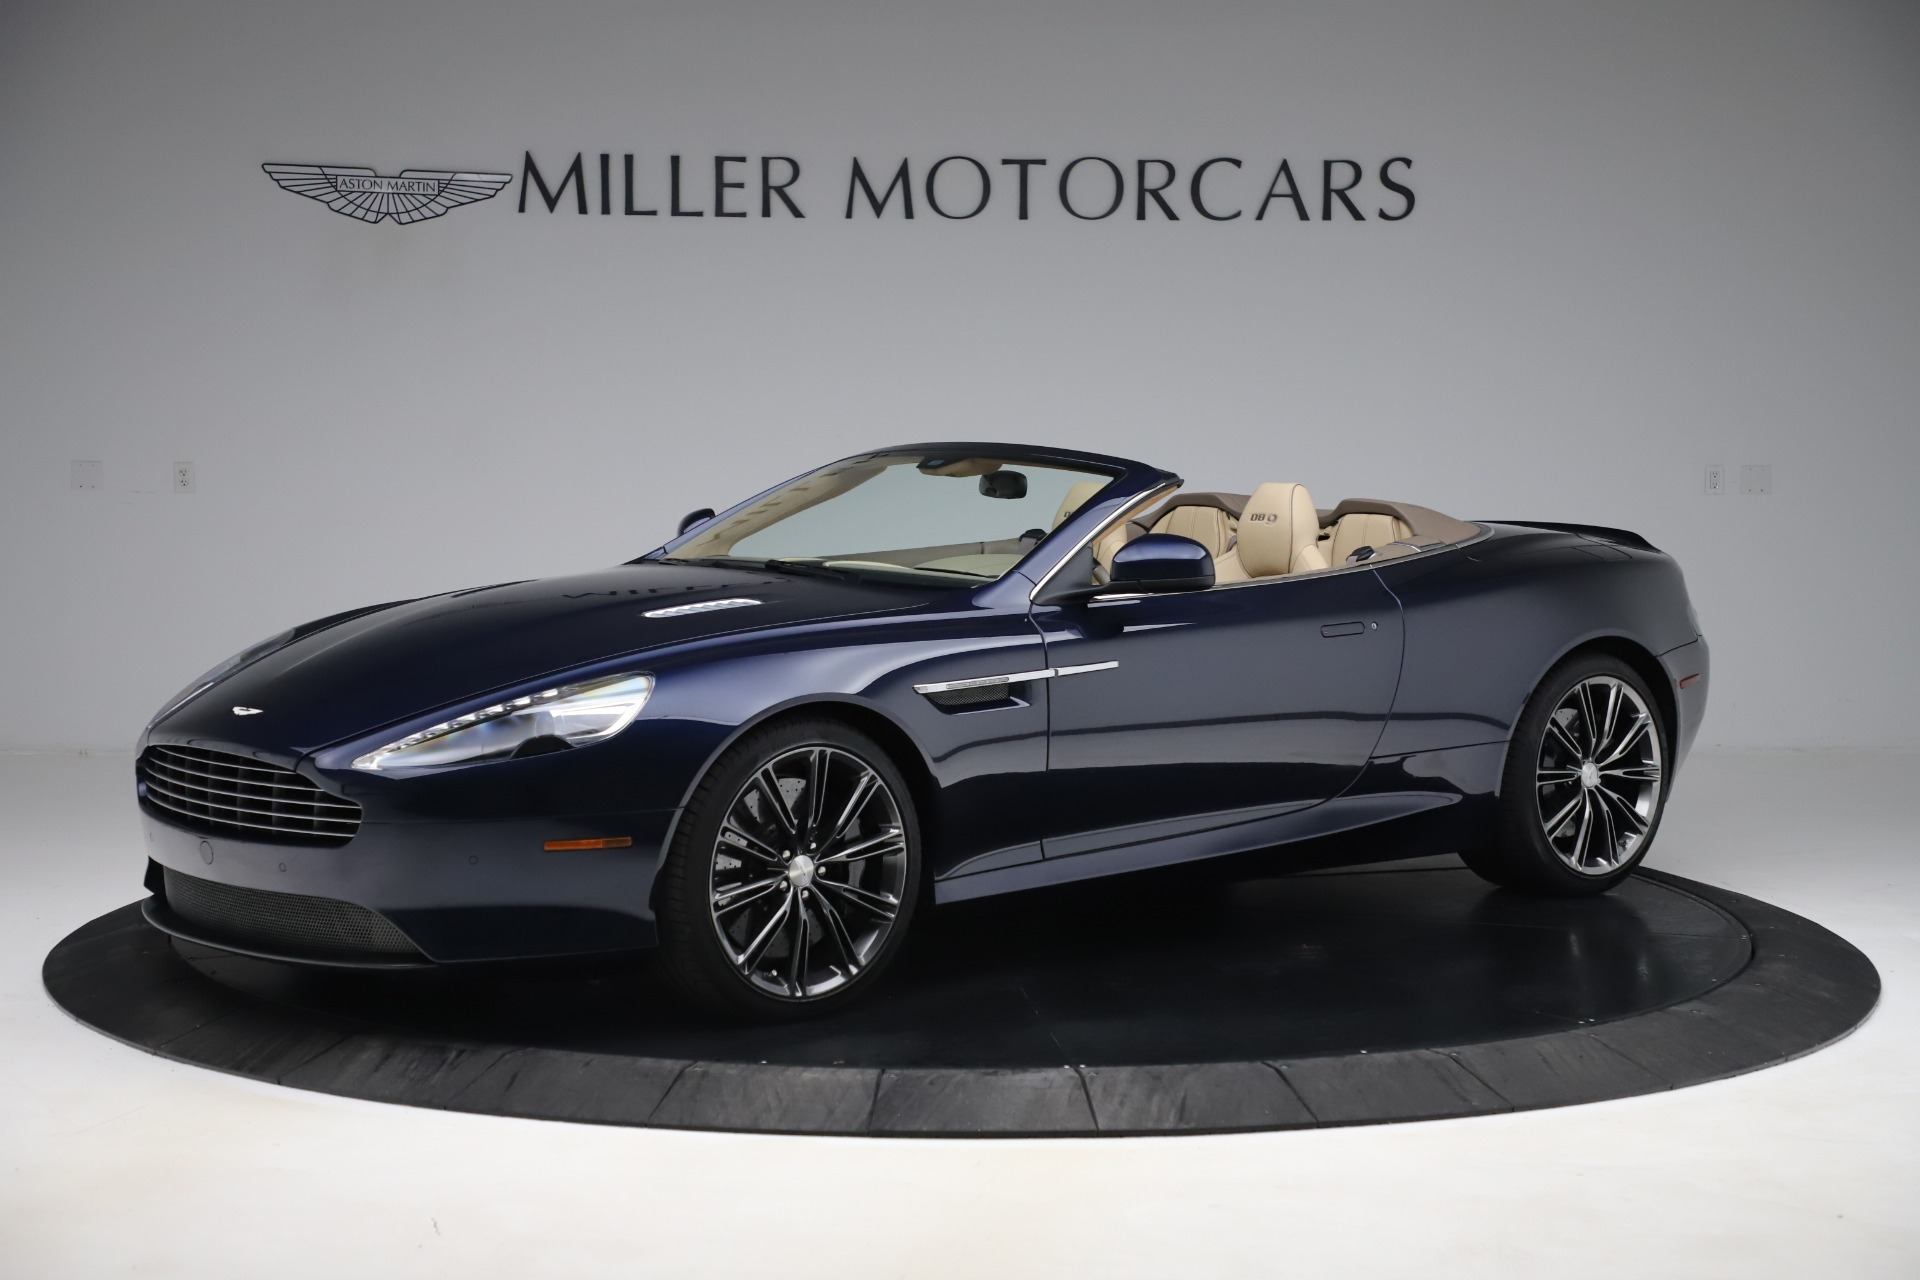 Used 2014 Aston Martin DB9 Volante For Sale In Greenwich, CT 3591_p2